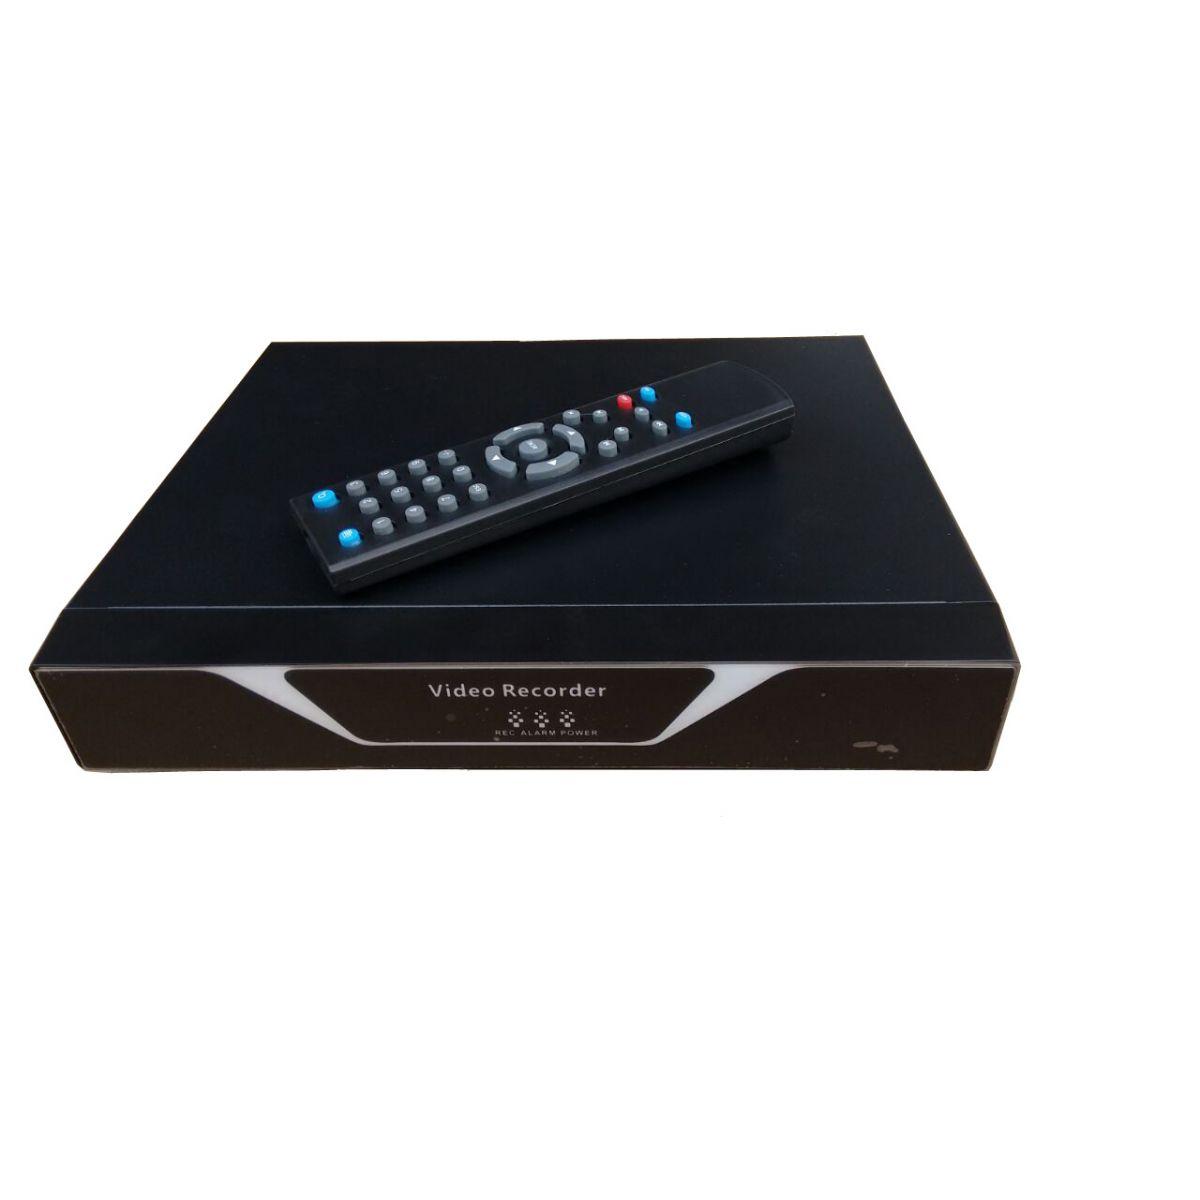 Dvr stand alone para 8 câmeras AHD-M 240 fps com acesso via Internet e saída HDMI– Tecnologia Nuvem  - Tudoseg Cftv - Sistemas de Segurança Eletrônica